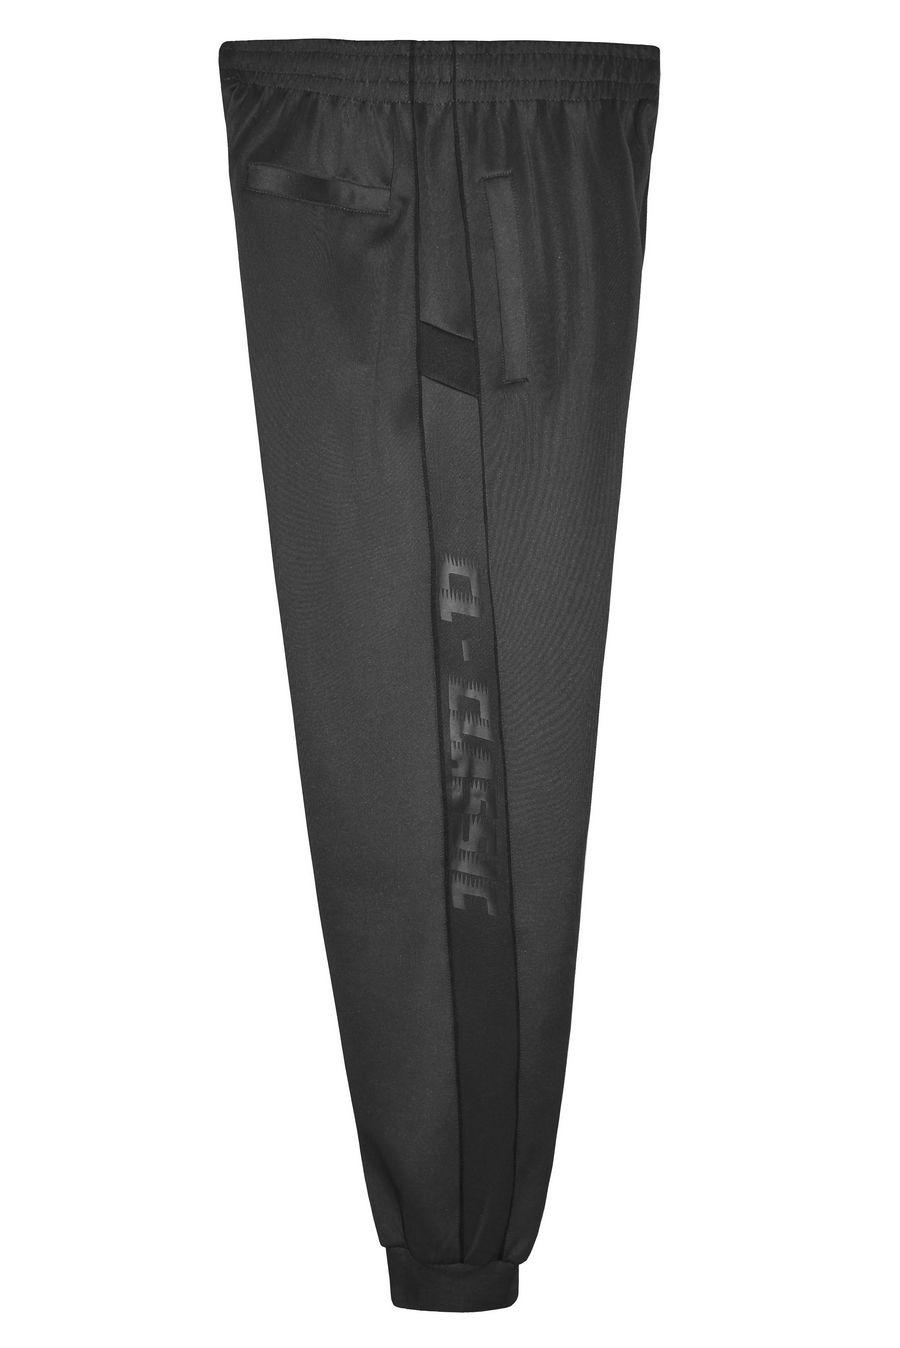 Брюки мужские GL J1086 черные - фото 1